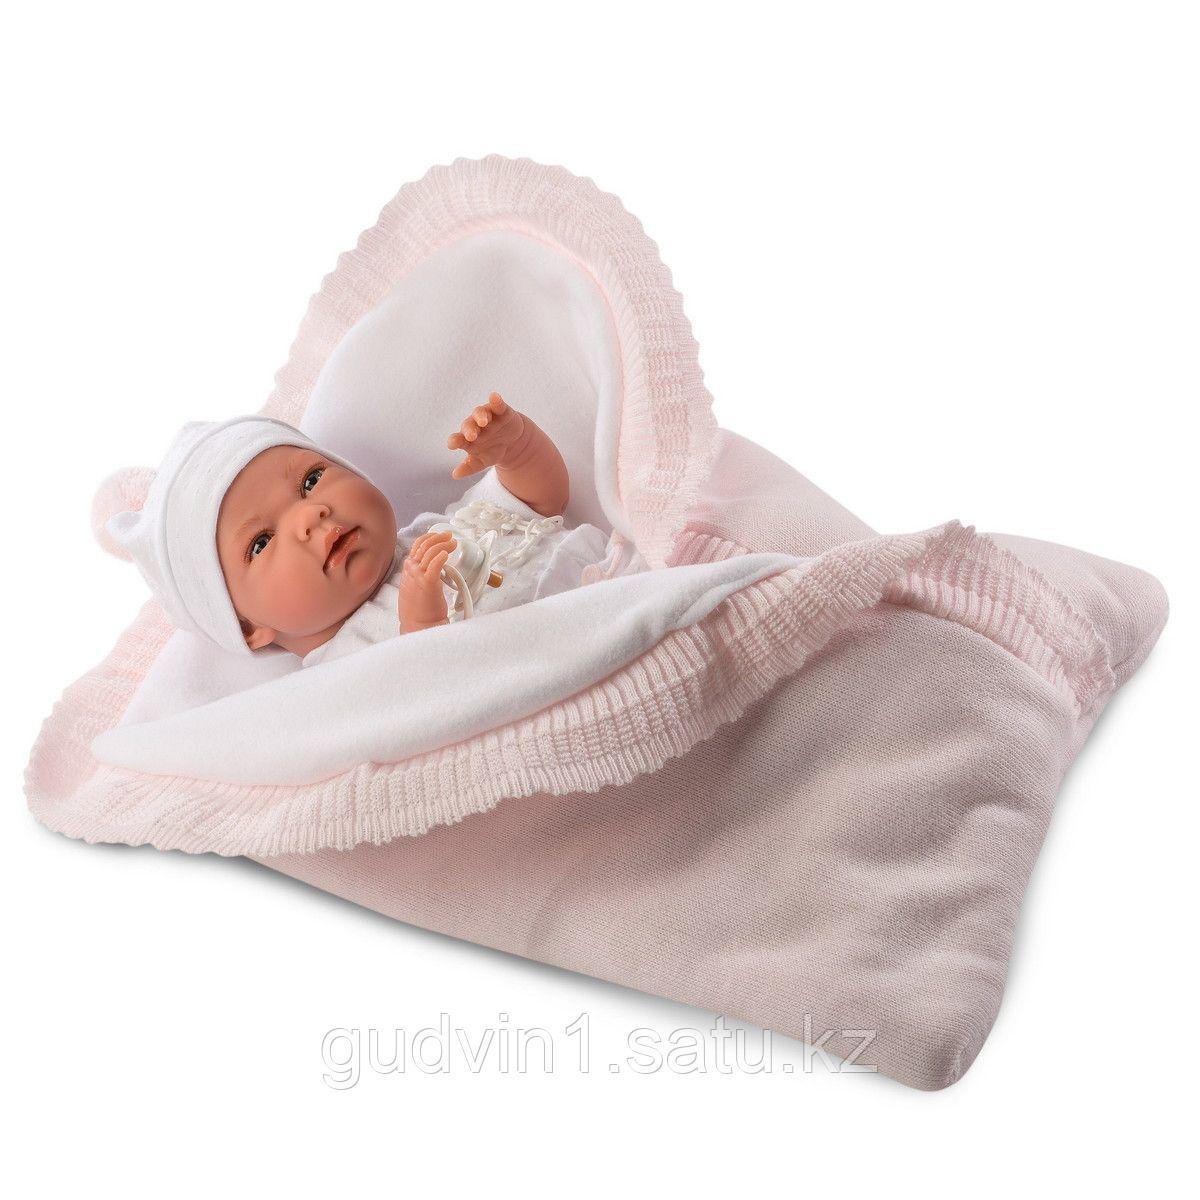 LLORENS: Кукла малышка Ника 38 см в конверте